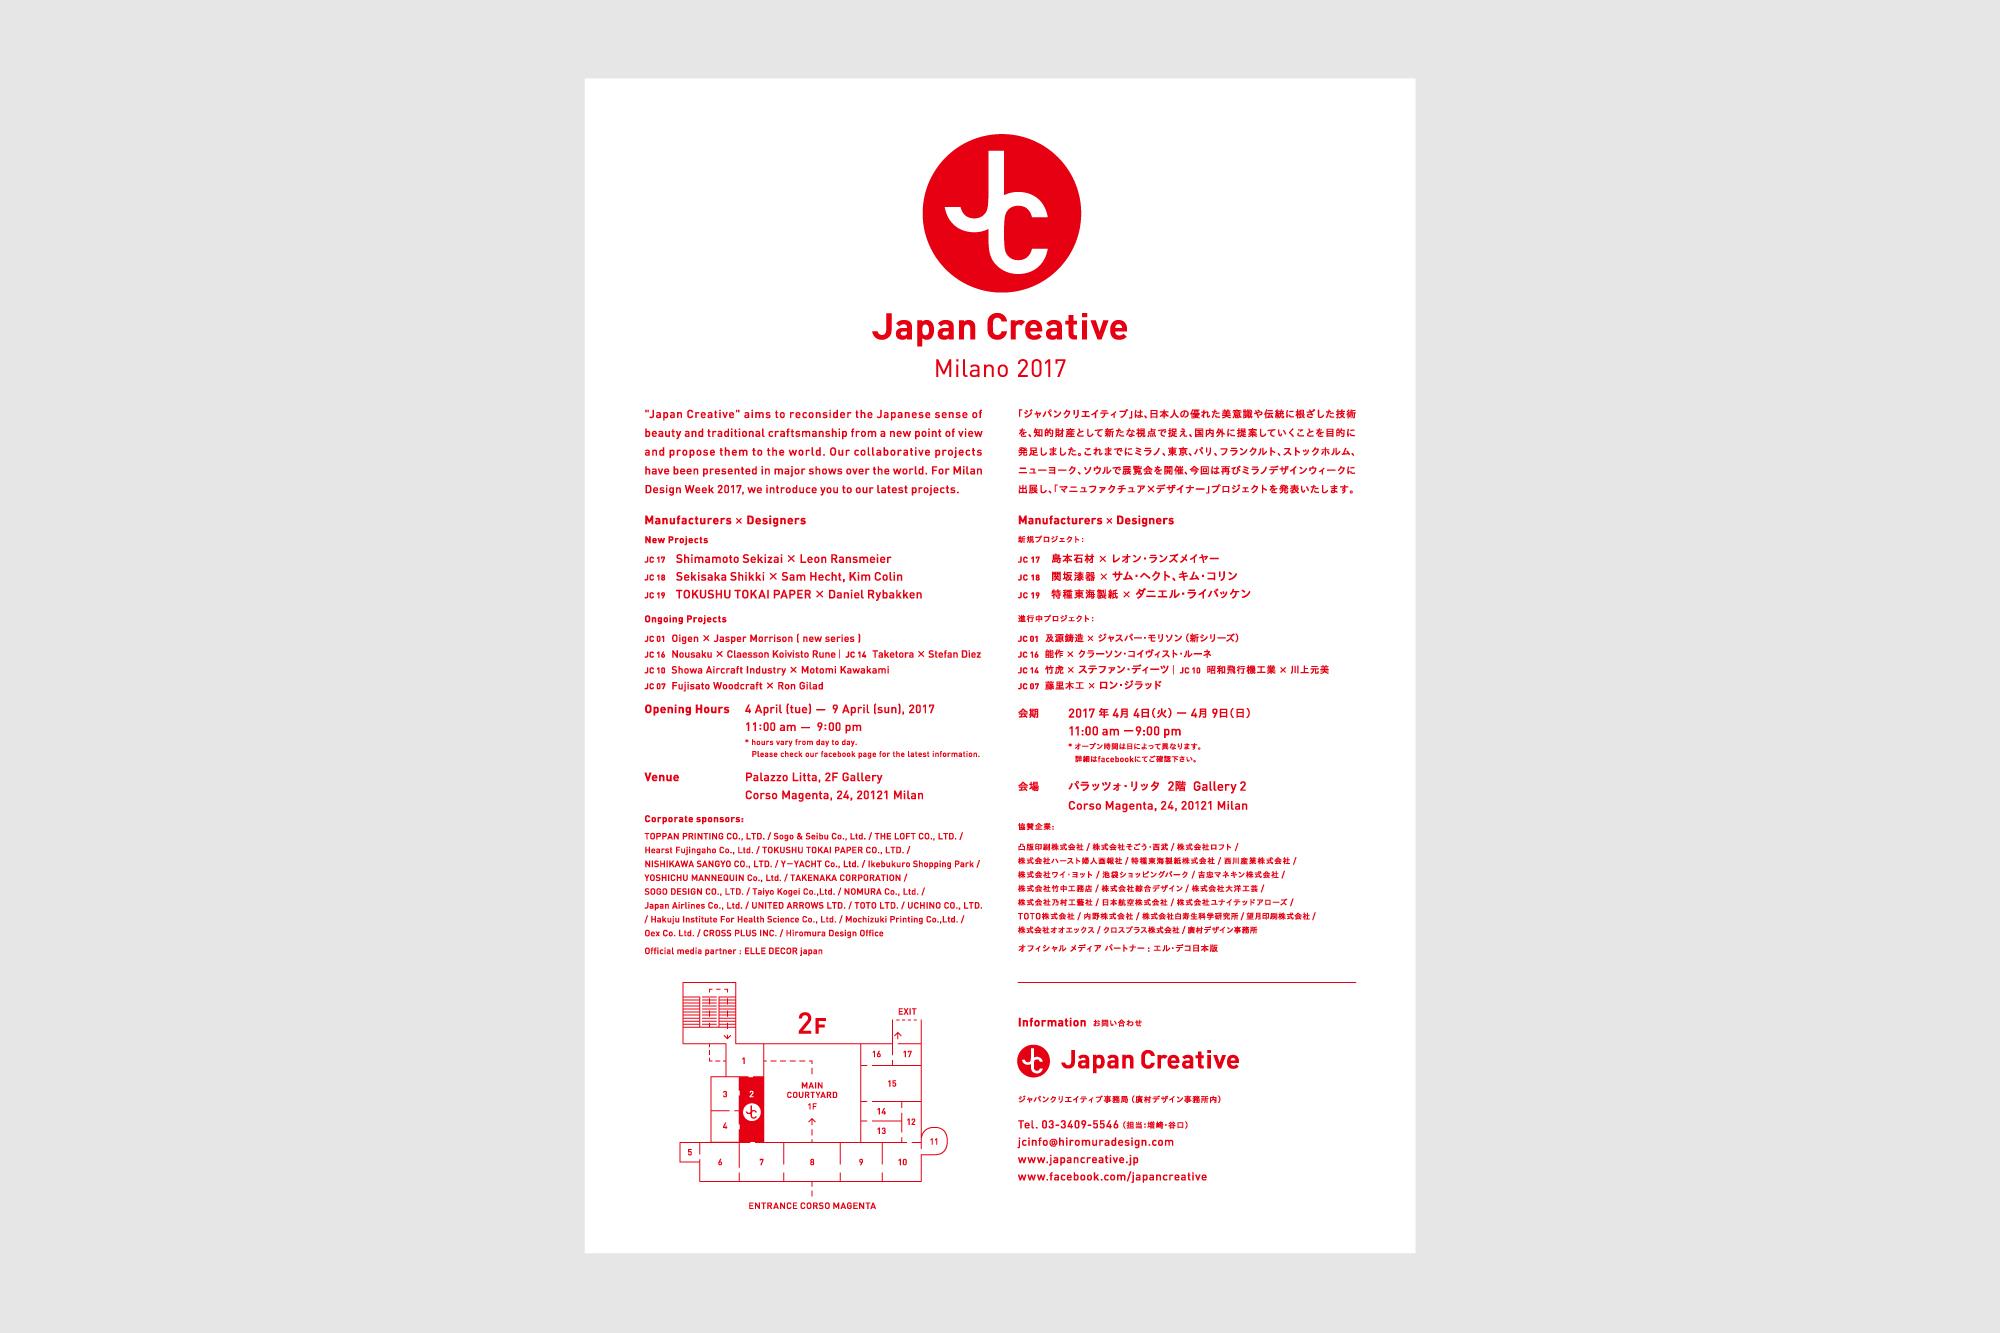 Japan Creative Exhibition Milano 2017